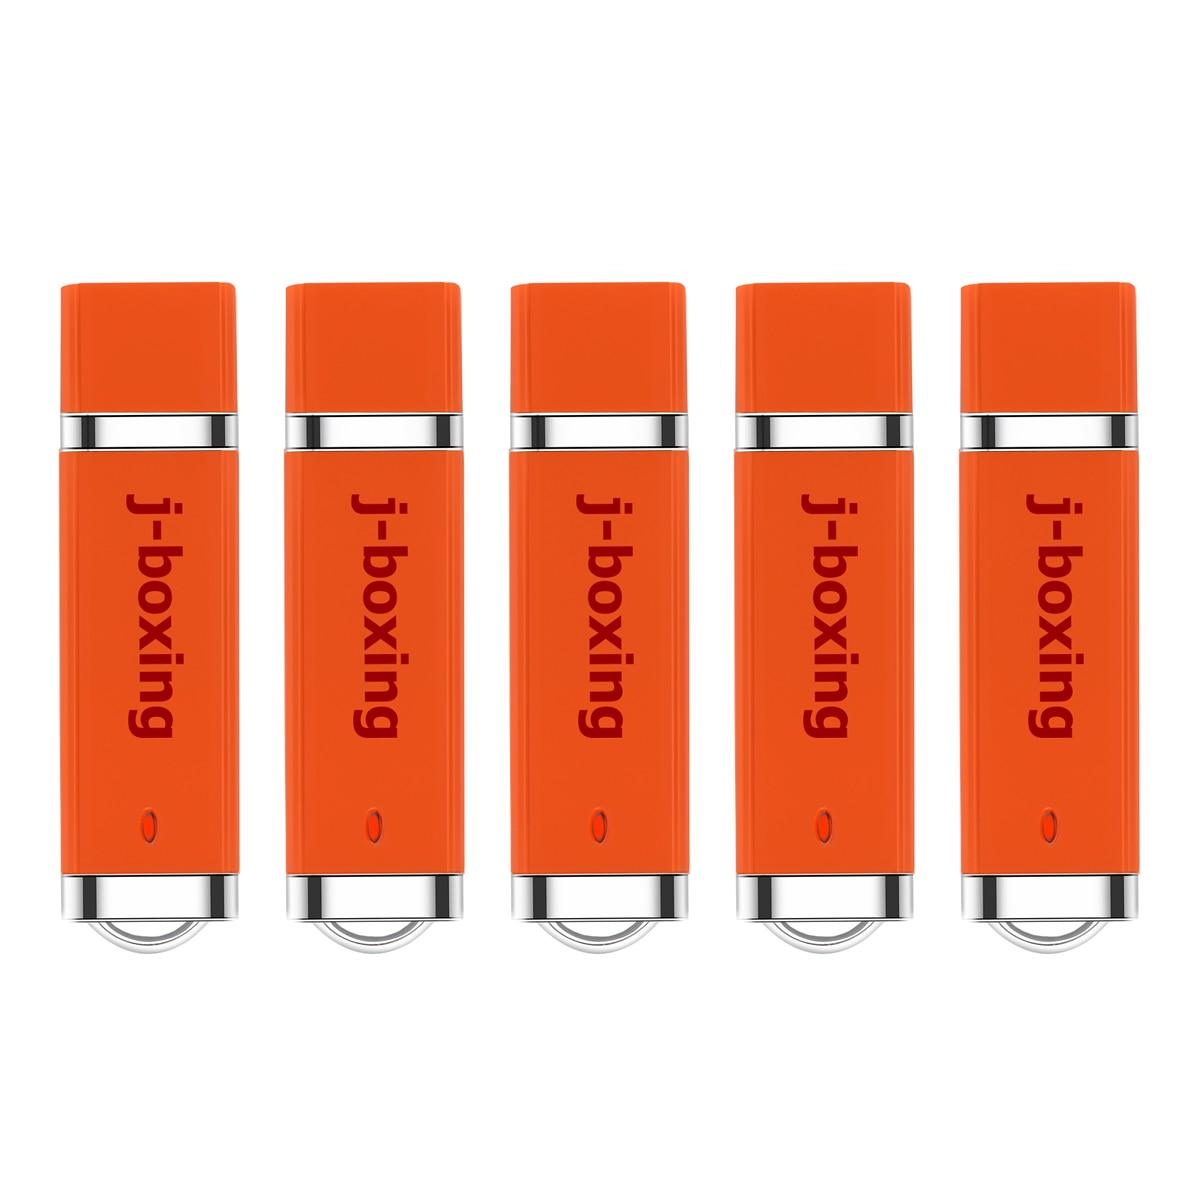 J-boxing, unidad Flash USB a granel, 1GB, 2GB, 4GB, 8GB, 16GB, 32 encendedor GB, diseño, memoria USB, unidad de memoria USB, naranja, 5 unids/pack